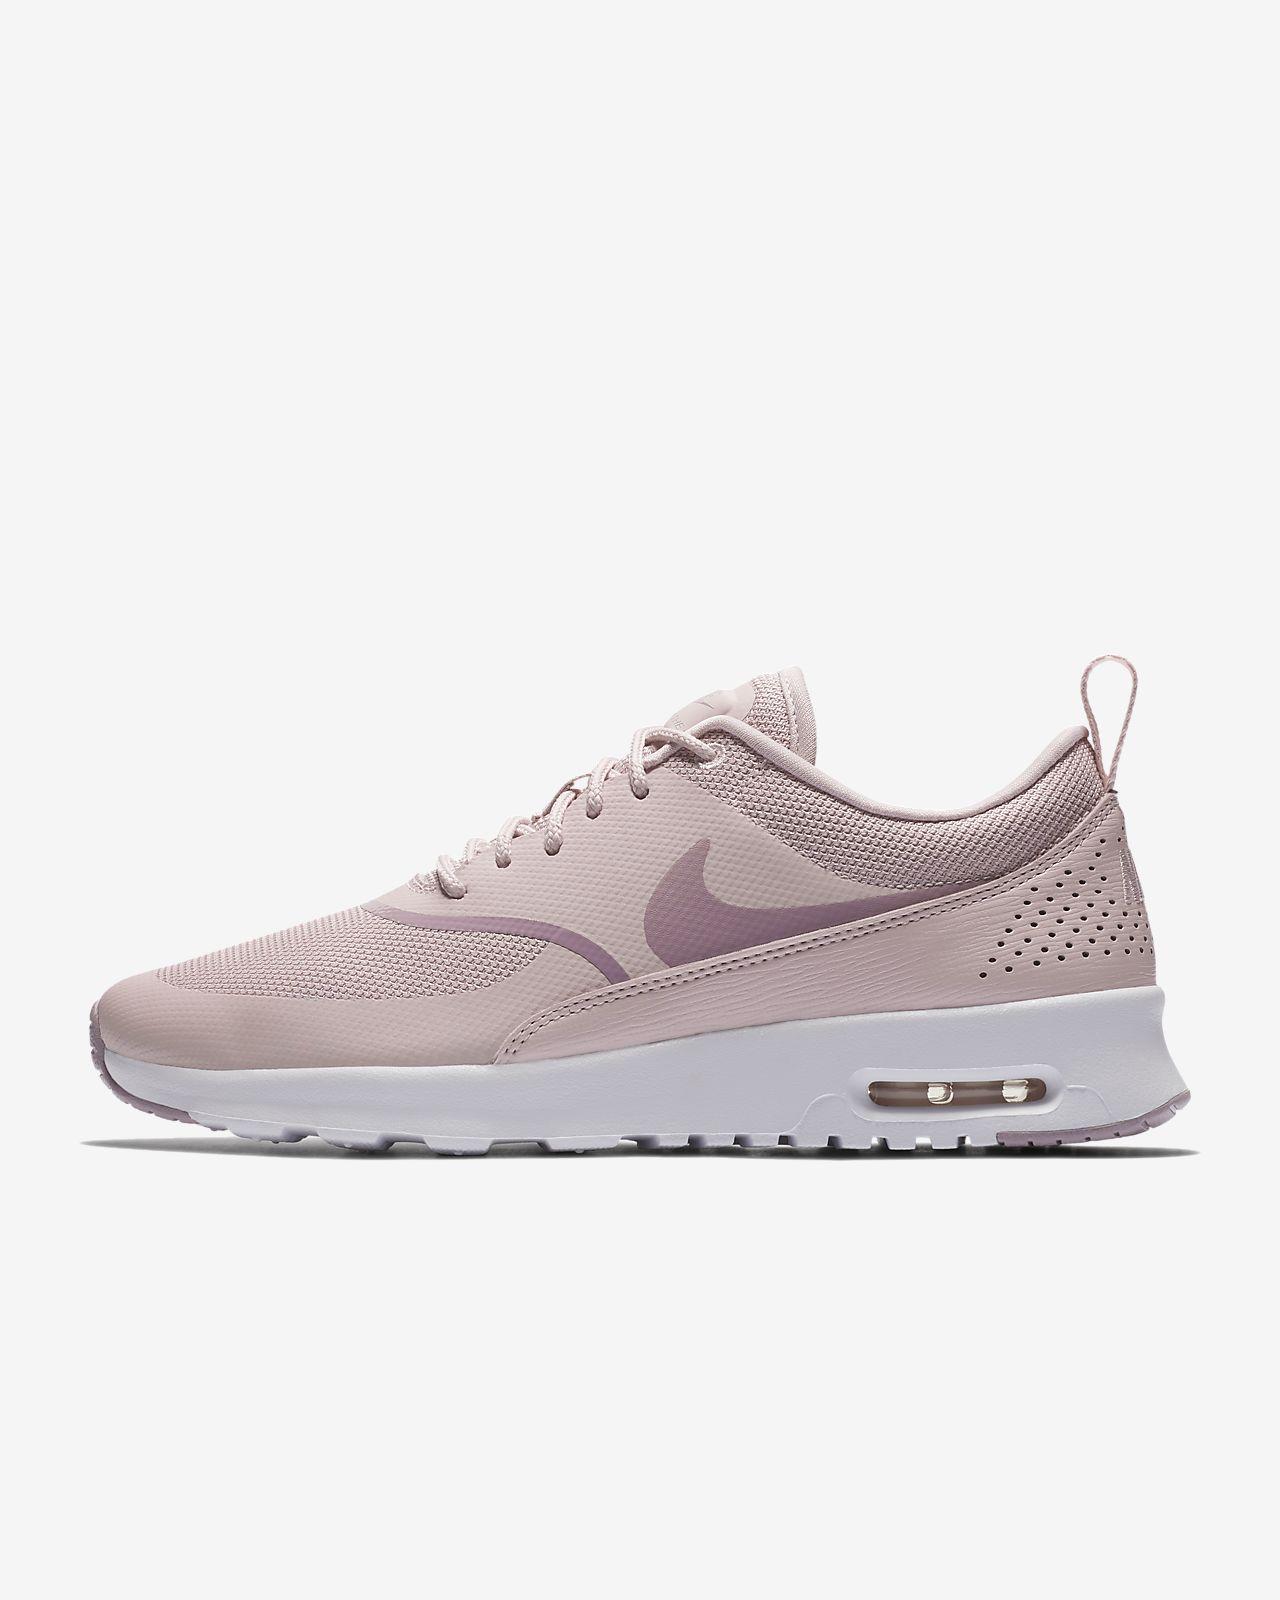 ... Nike Air Max Thea Women's Shoe